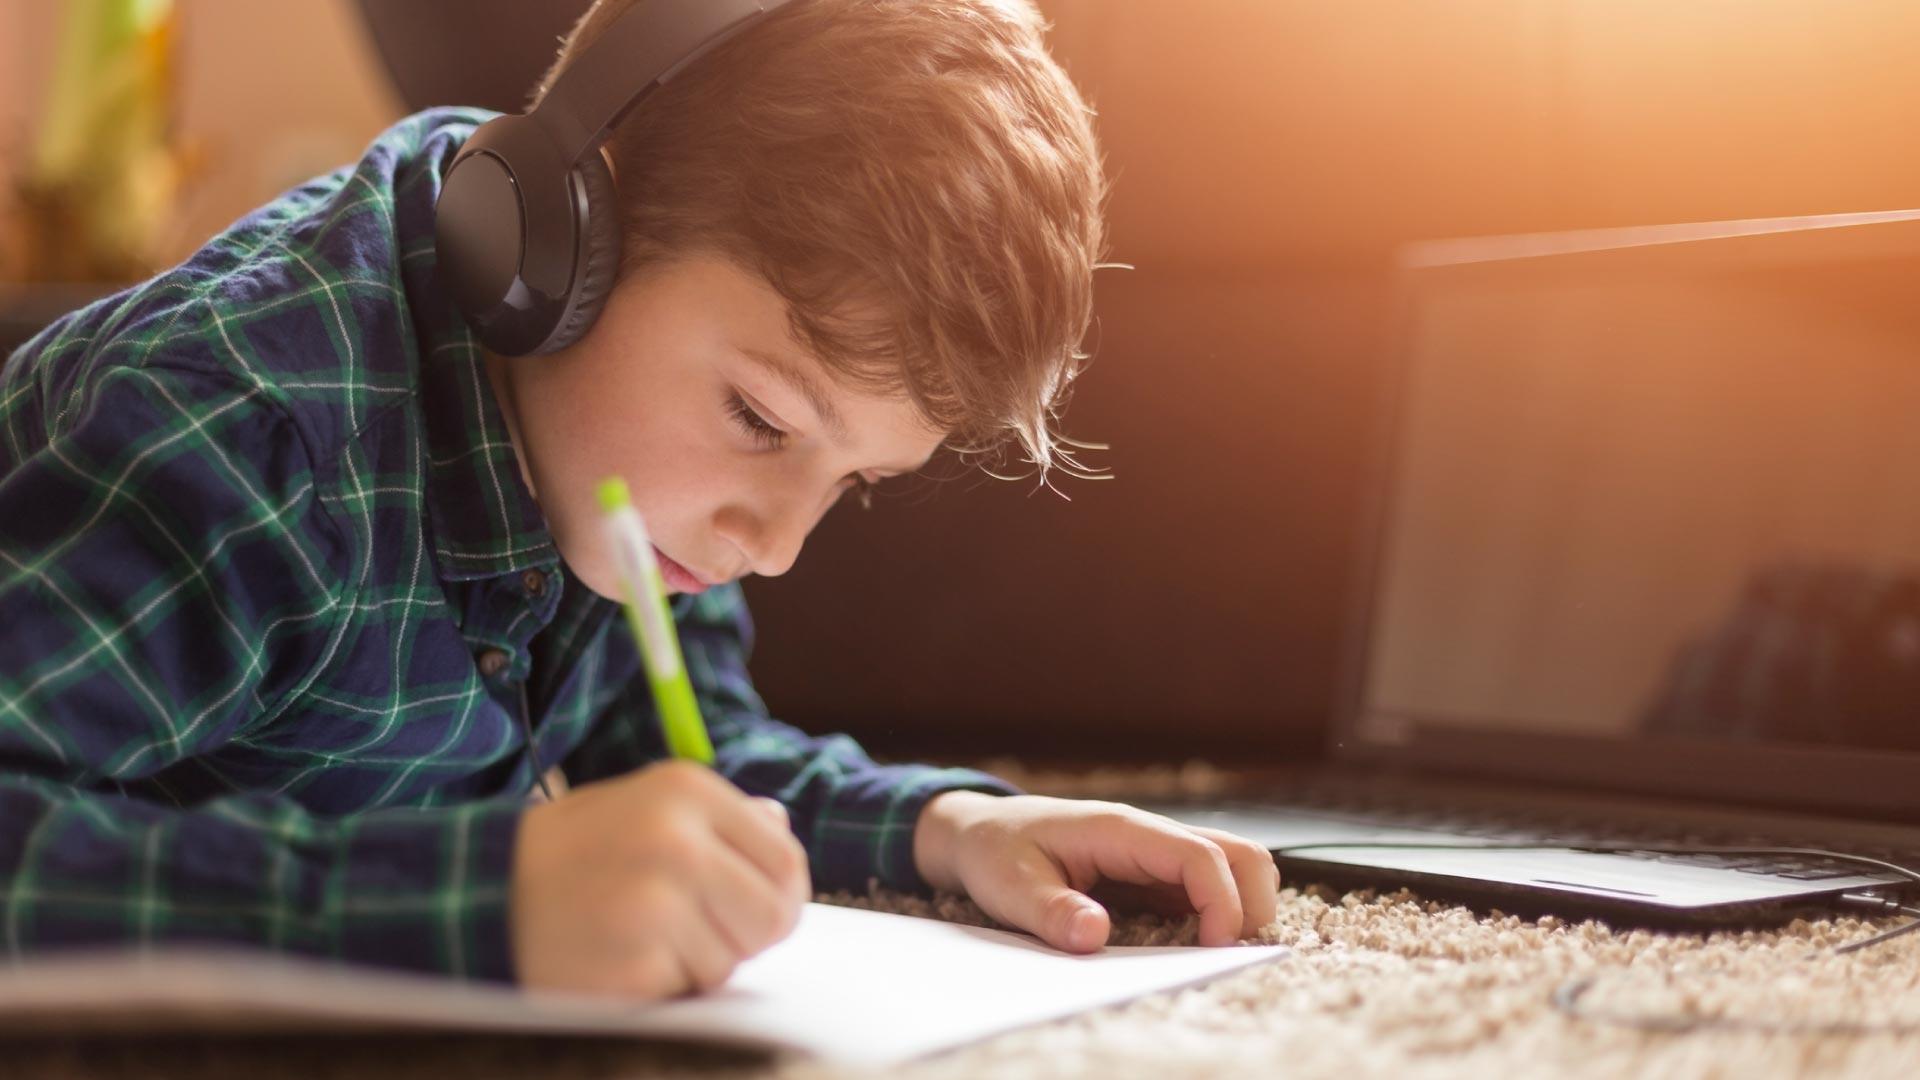 Как защитить глаза ребенка во время онлайн обучения